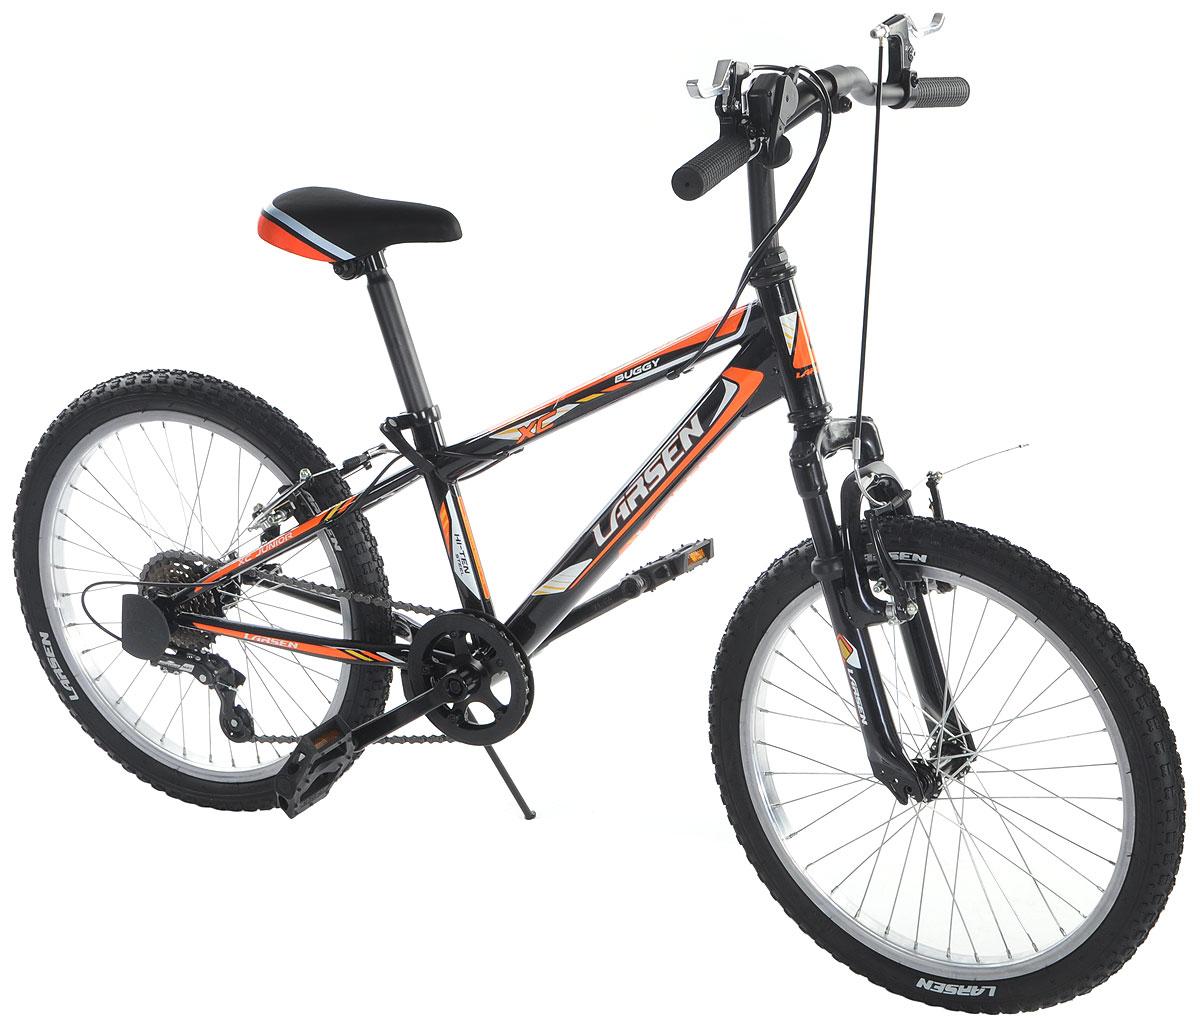 Велосипед Larsen Buggy 20, цвет: черный, оранжевый336229Горный велосипед Larsen Buggy 20 предназначен для юных спортсменов. Велосипед имеет прочную раму и универсальную трансмиссию. Larsen Buggy 20 оснащён передней амортизационной вилкой, которая смягчит неровности дороги. Простой и надежный переключатель Shimano базового уровня, на практике доказавший свою надежность, не подведет в сложной дорожной ситуации. Велосипед имеет 6 скоростей, это оптимальное количество, с которым можно заехать в горку и поддерживать хорошую скорость на ровной дороге. V – образные тормоза простые и эффективные. Они остановят велосипед именно там, где нужно. Регулируемое по высоте и наклону седло и регулируемый по высоте руль позволят подобрать индивидуальную посадку. Велосипед оснащён подножкой для удобной парковки, светоотражателями и крыльями. Вилка: ZOOM BRAVO-327E. Количество скоростей: 6 шт. Размер колес: 20 дюймов. Резина: Wanda P104, 20х2.125. Задний переключатель: Shimano Tourney (RD-TY21). ...